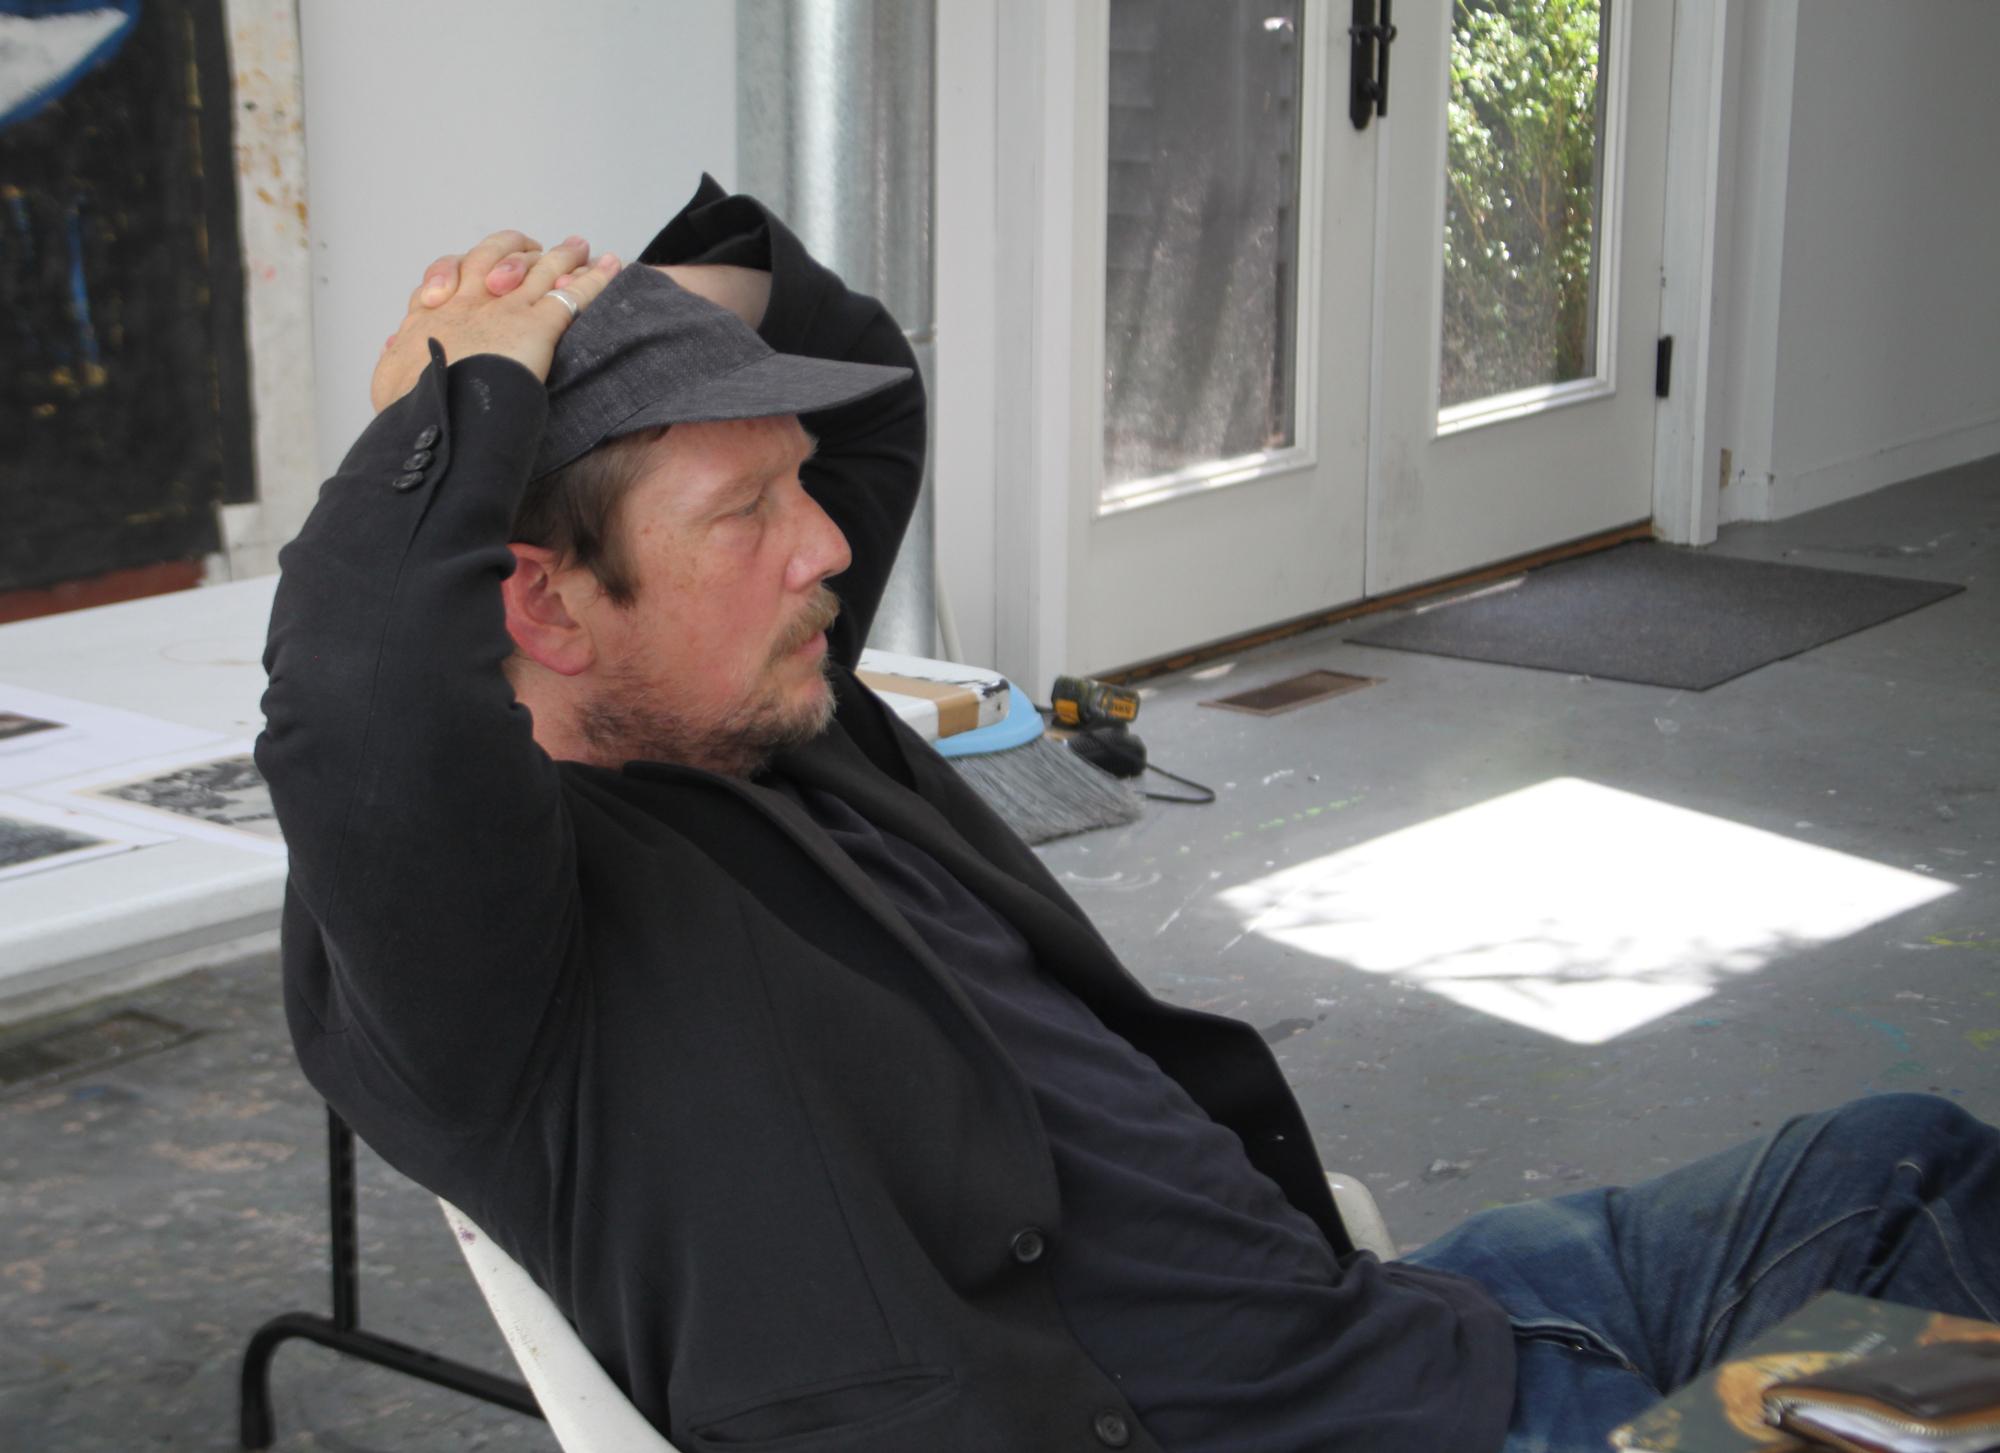 Artist Joe Bradley at work in the Elaine de Kooning house in East Hampton.